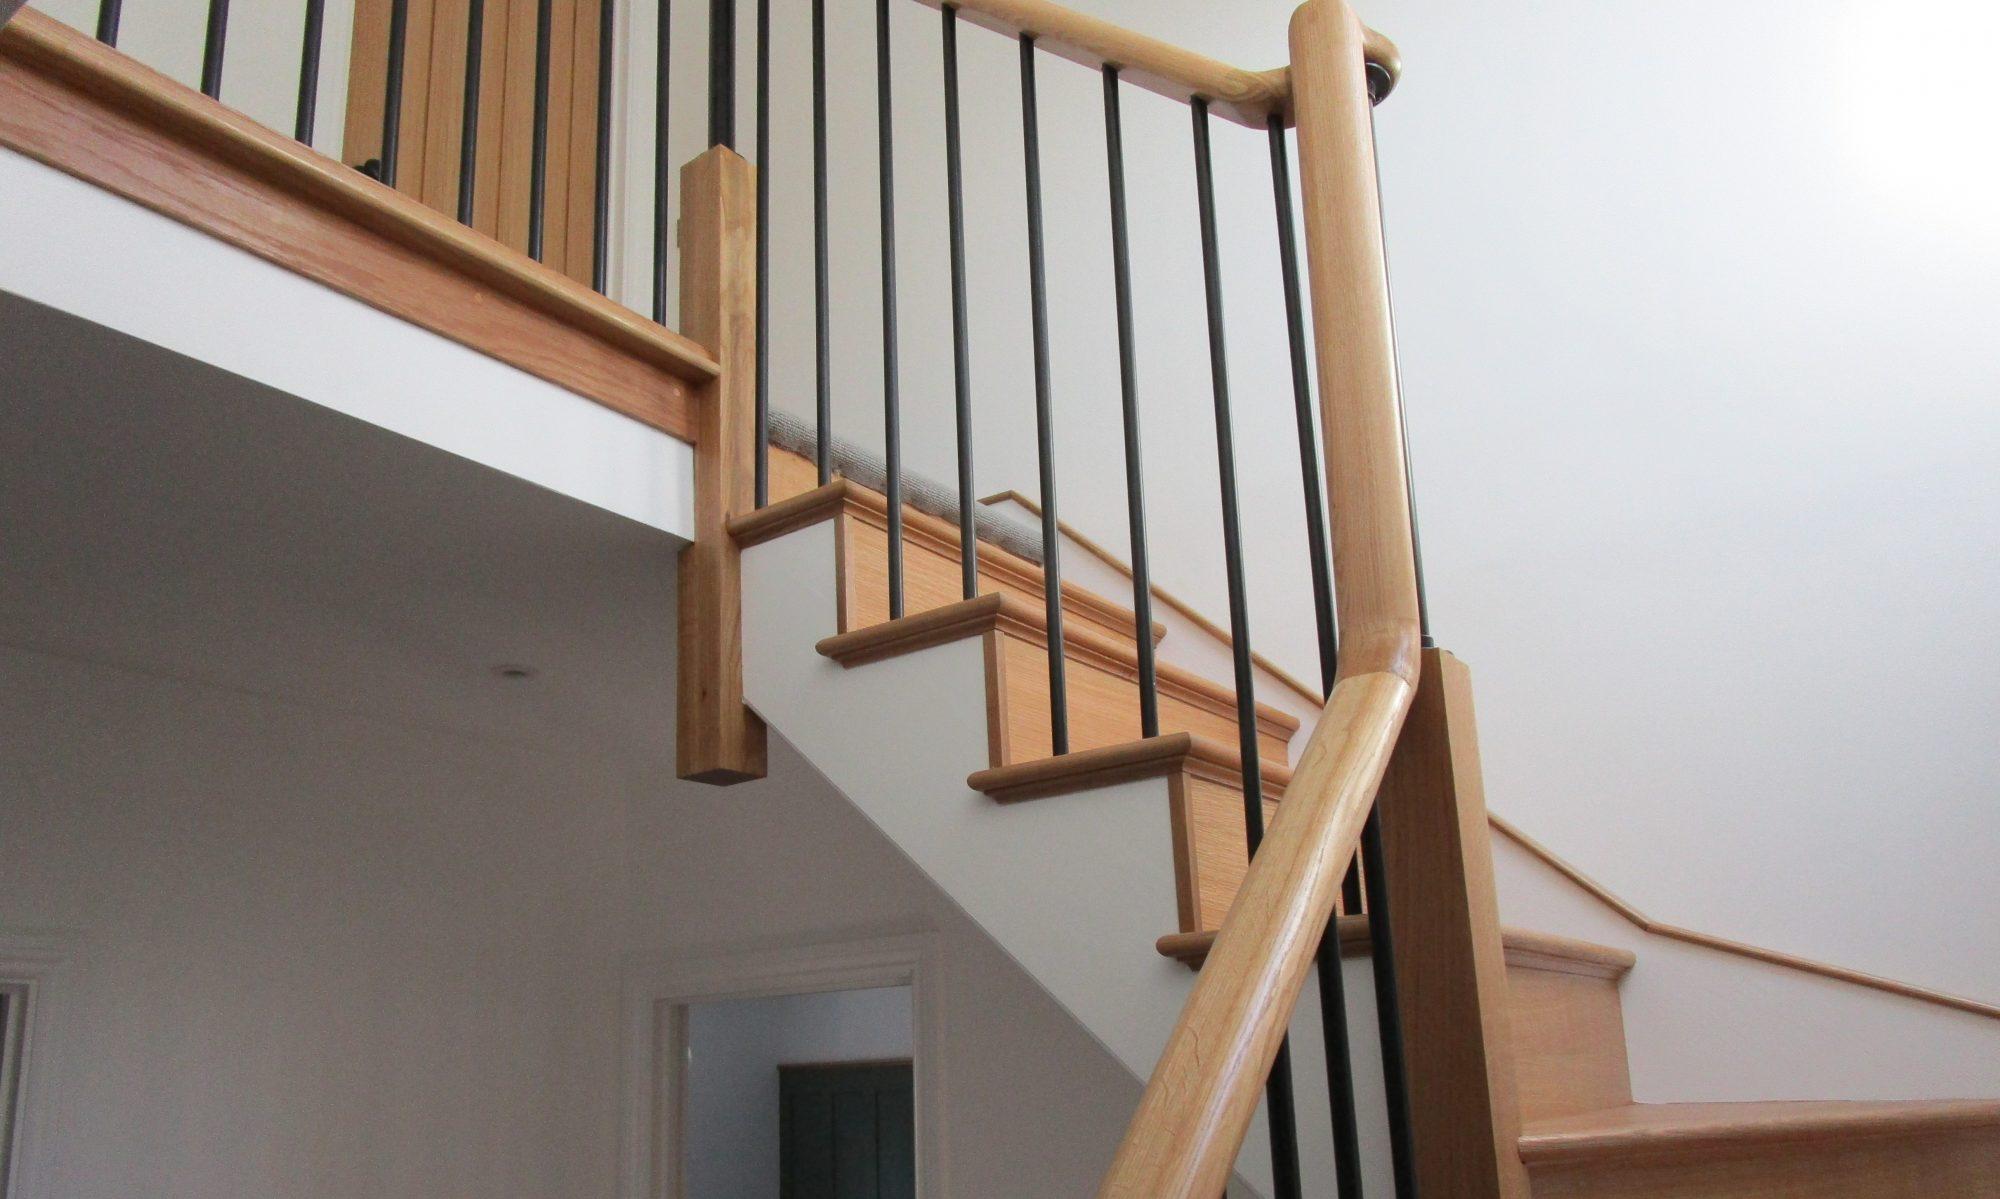 Topflite Stairs Ltd